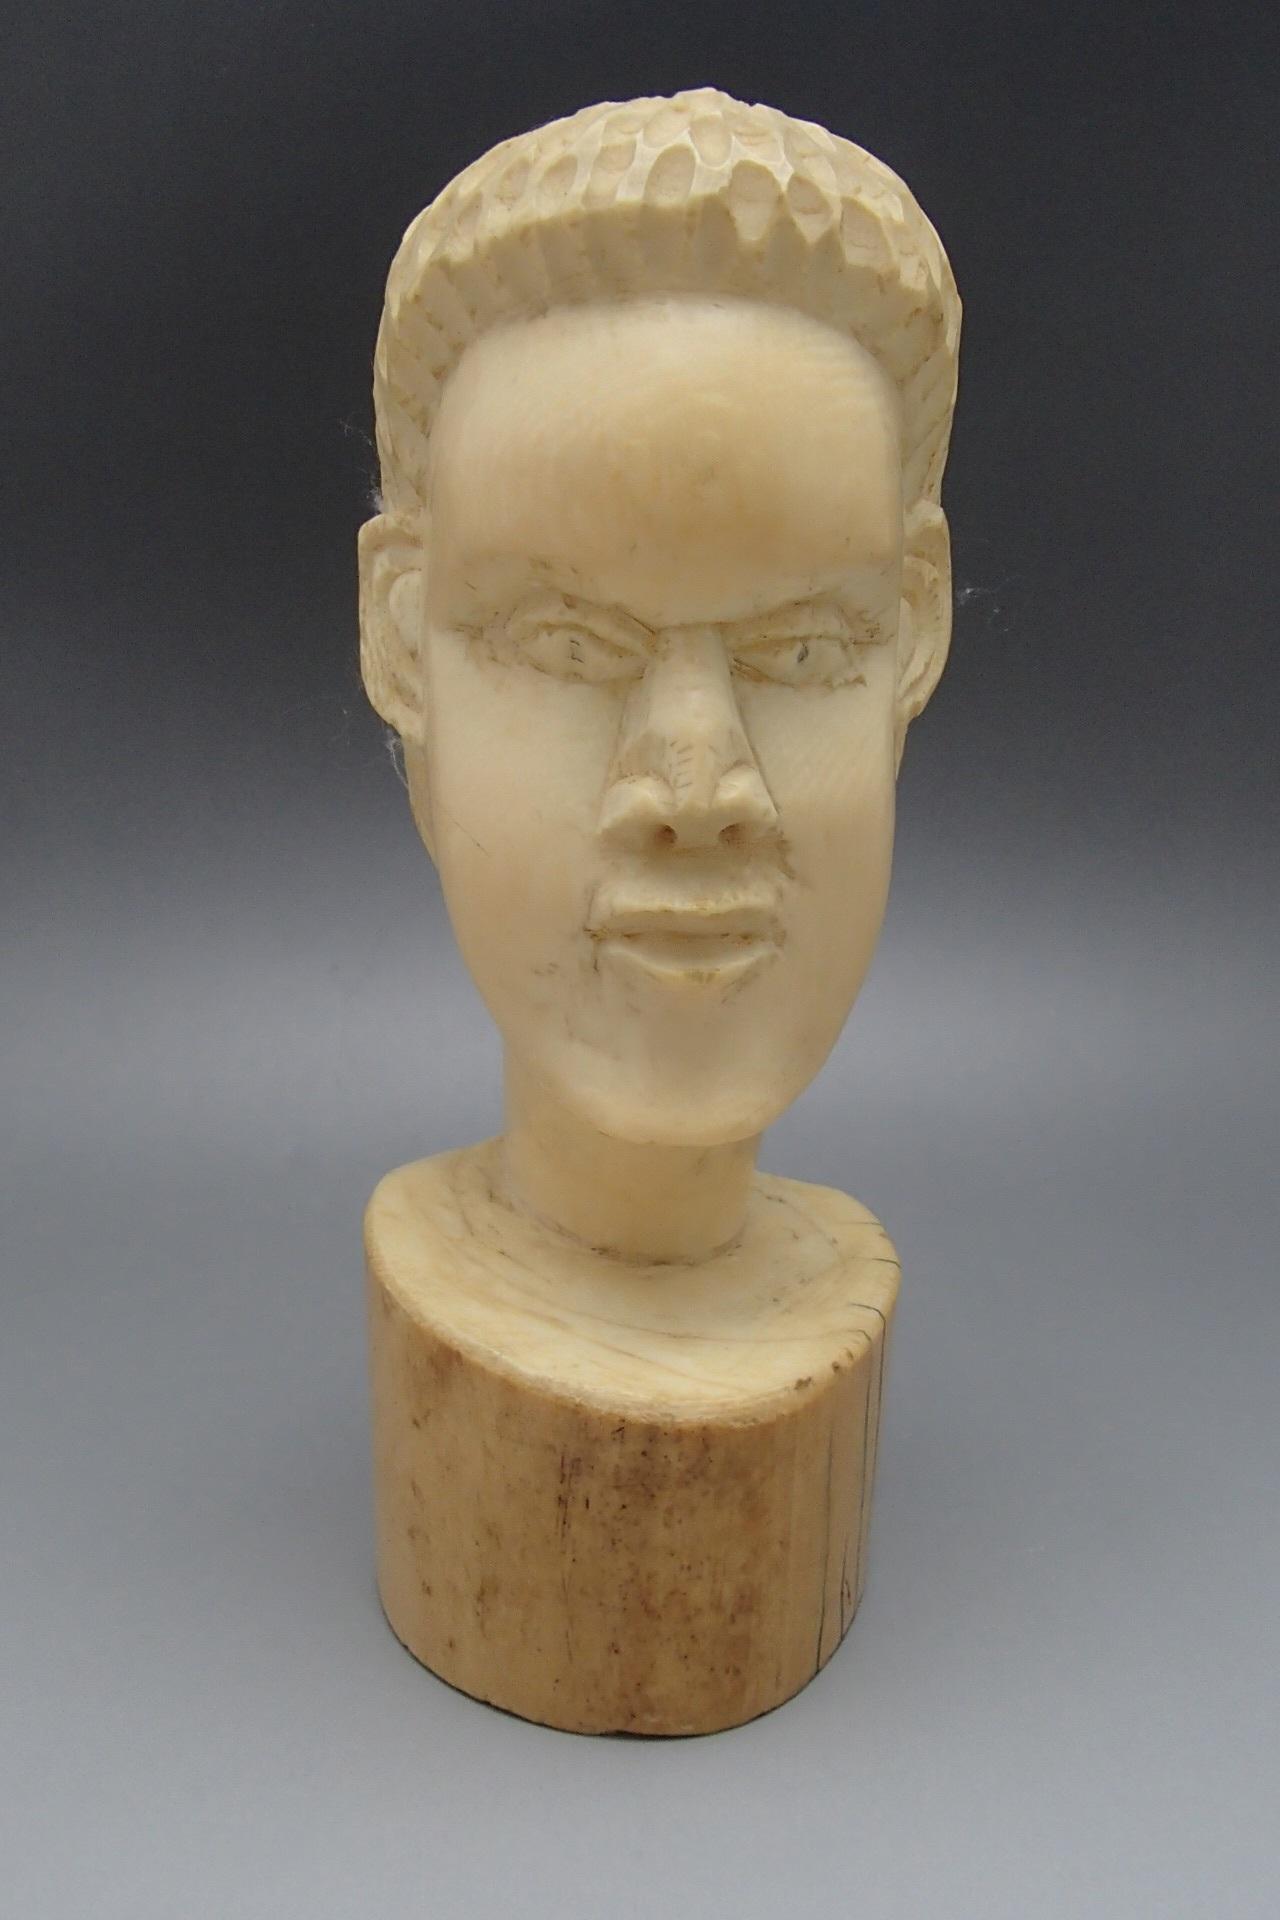 象牙買取 アフリカ系 人物像 1250g 千葉県のお客様